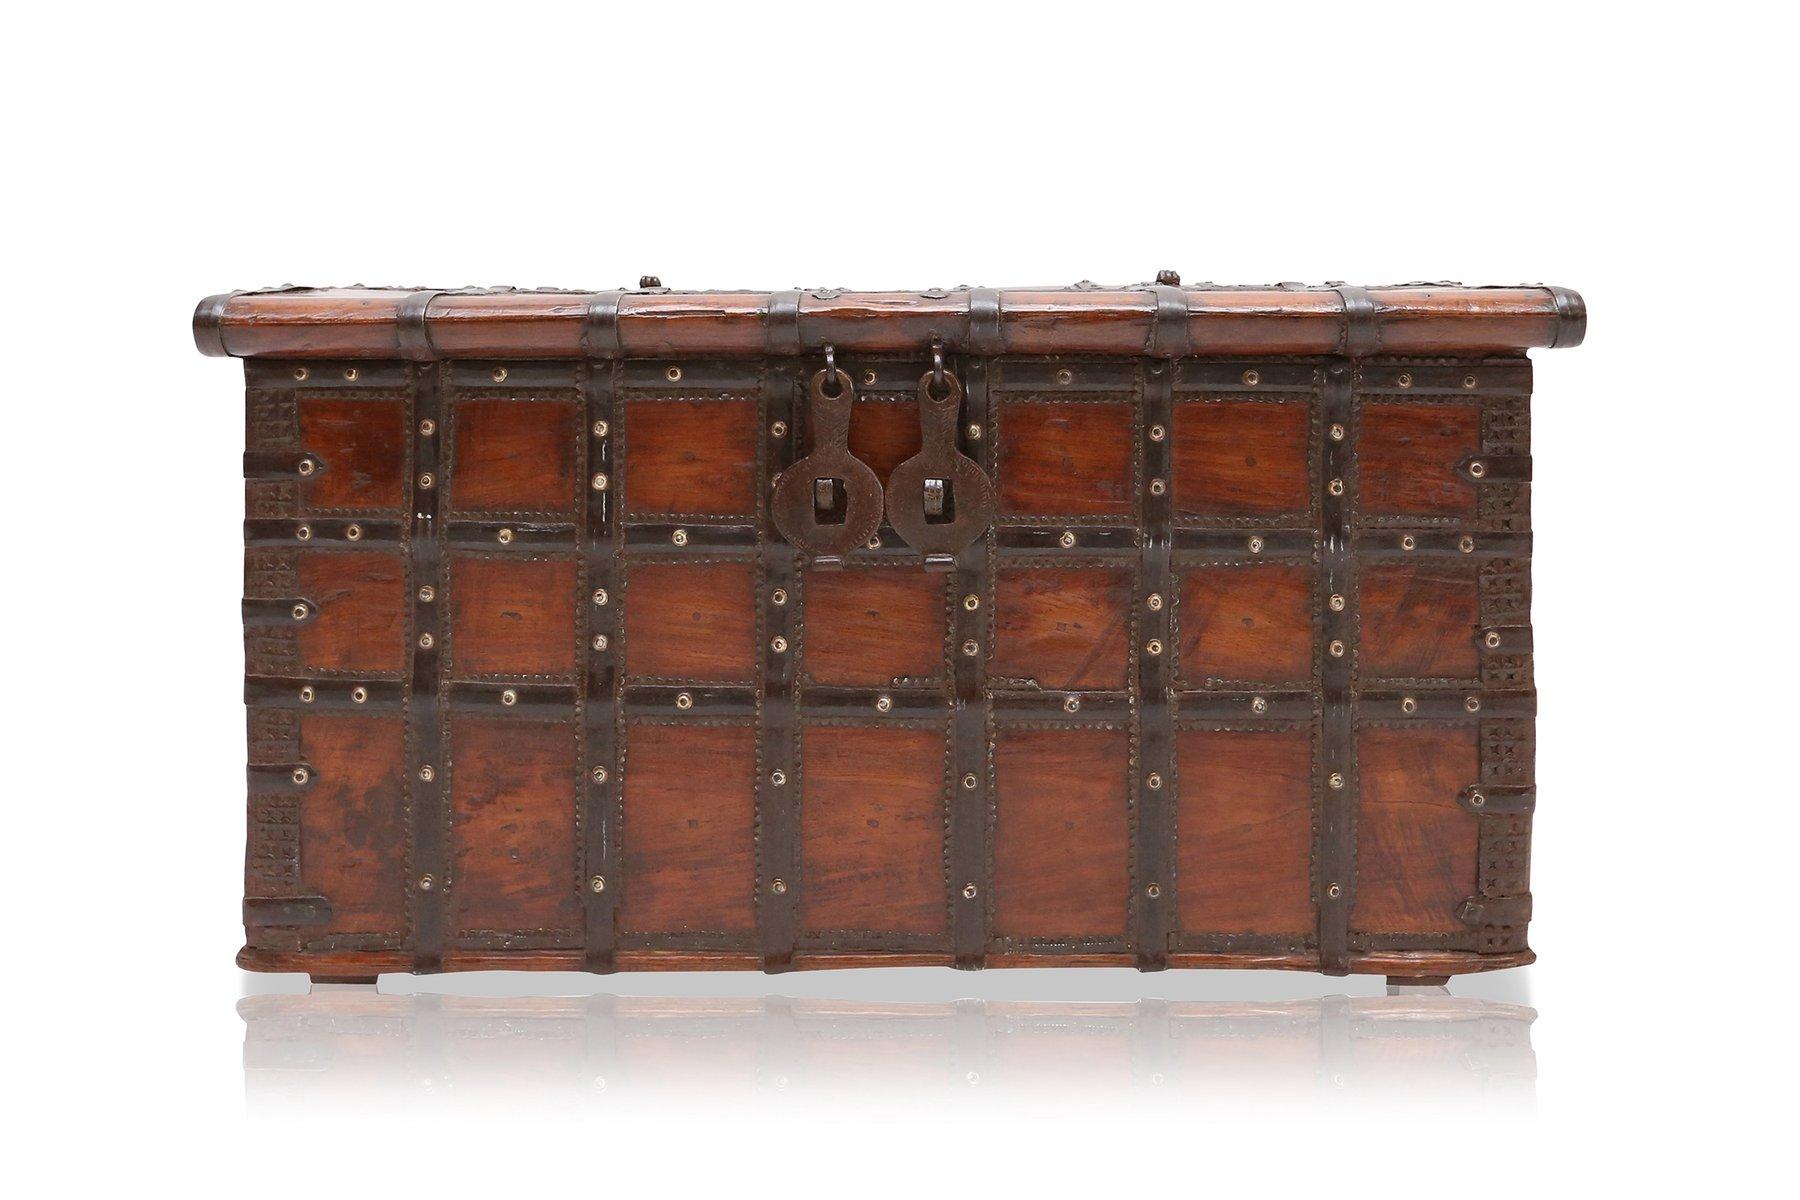 Cassettiera Ufficio In Metallo : Cassettiera antica in legno e metallo spagna in vendita su pamono